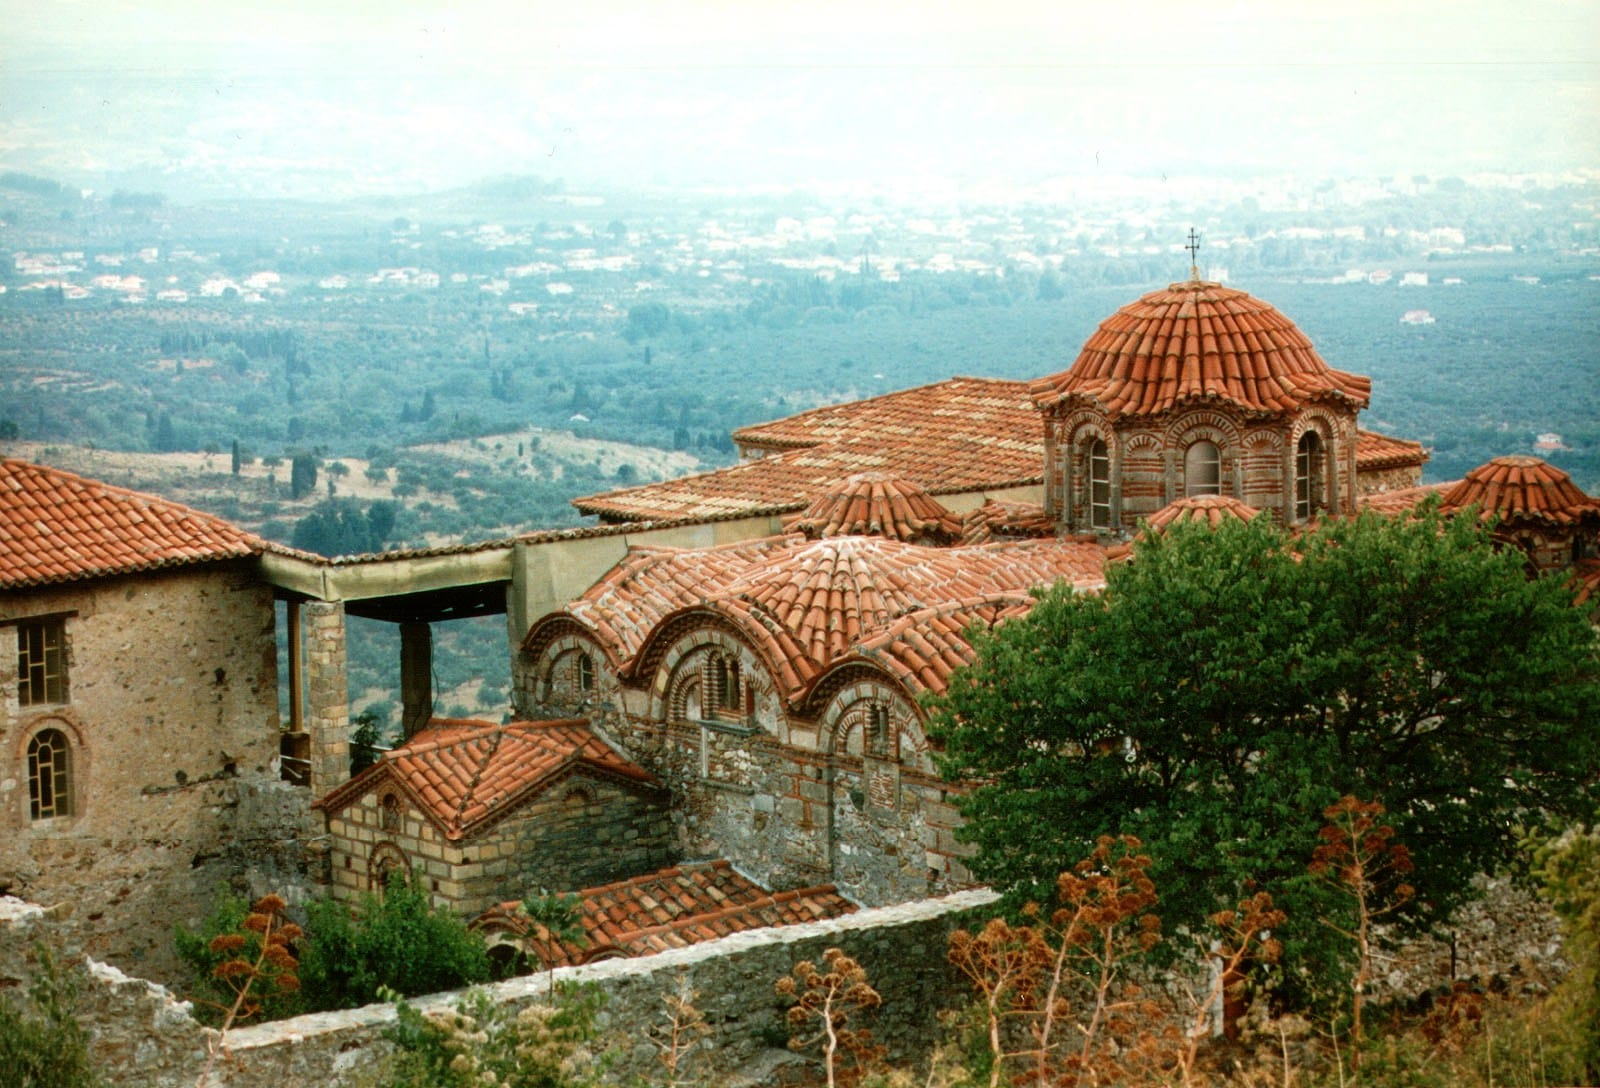 Clădirile medievale sunt de o frumusețe unică